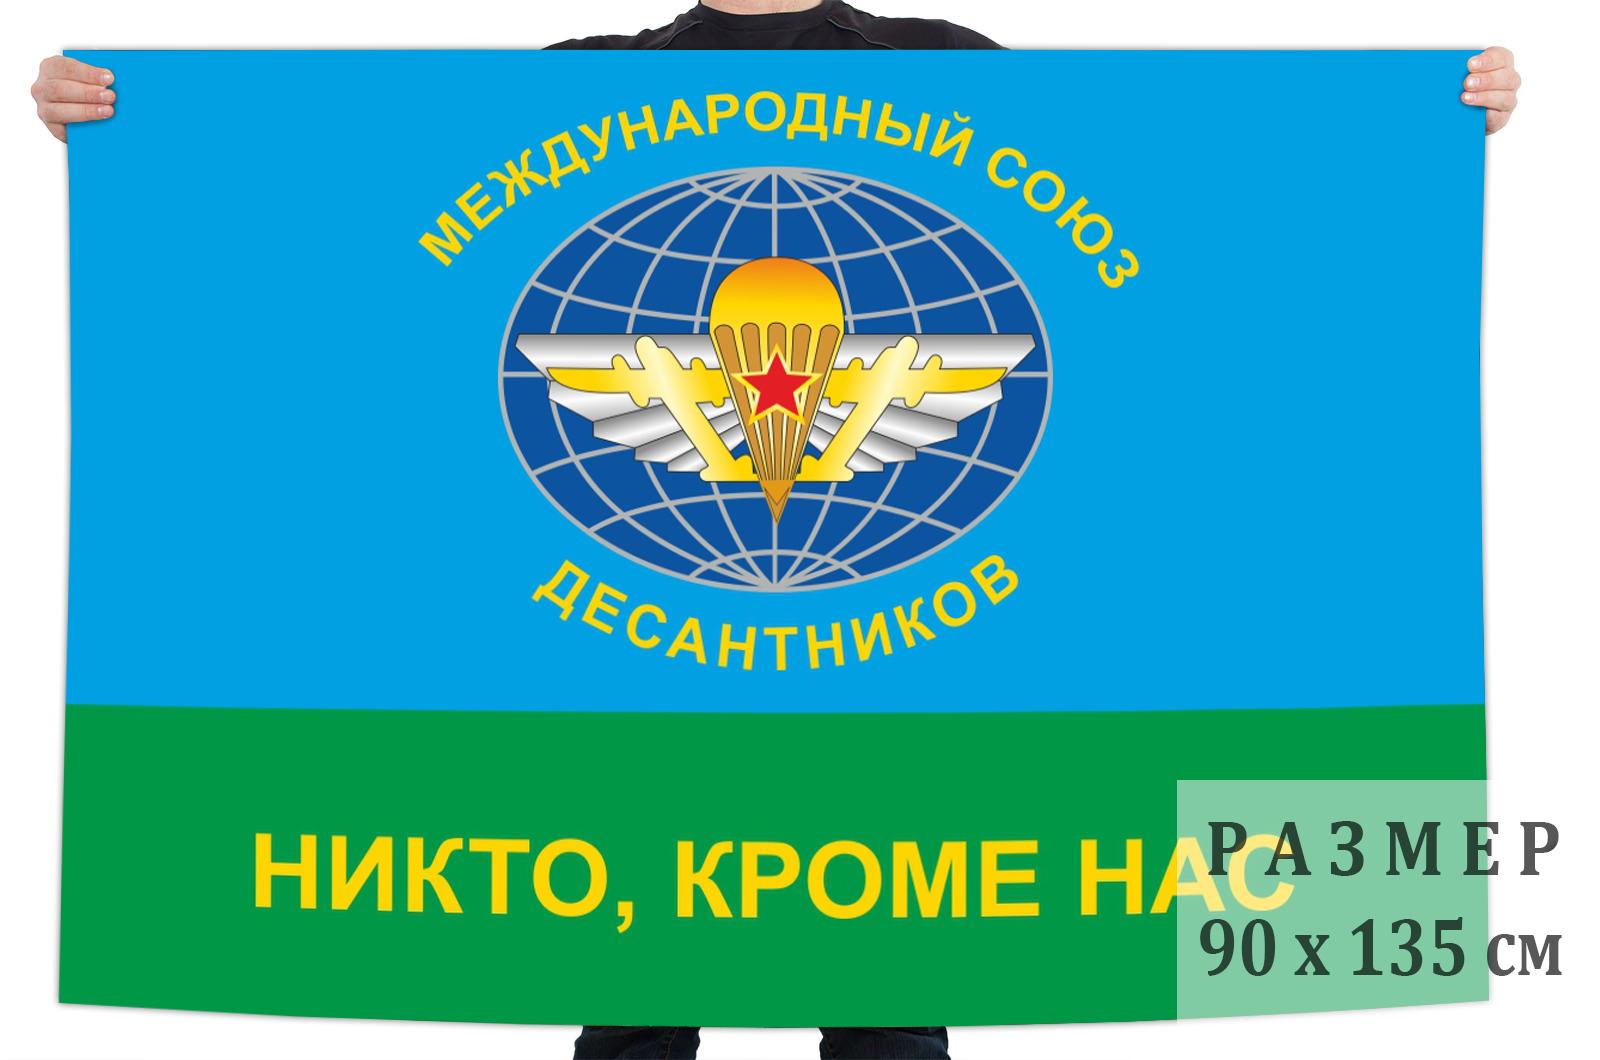 Купить флаг Международный союз десантников по лучшей цене